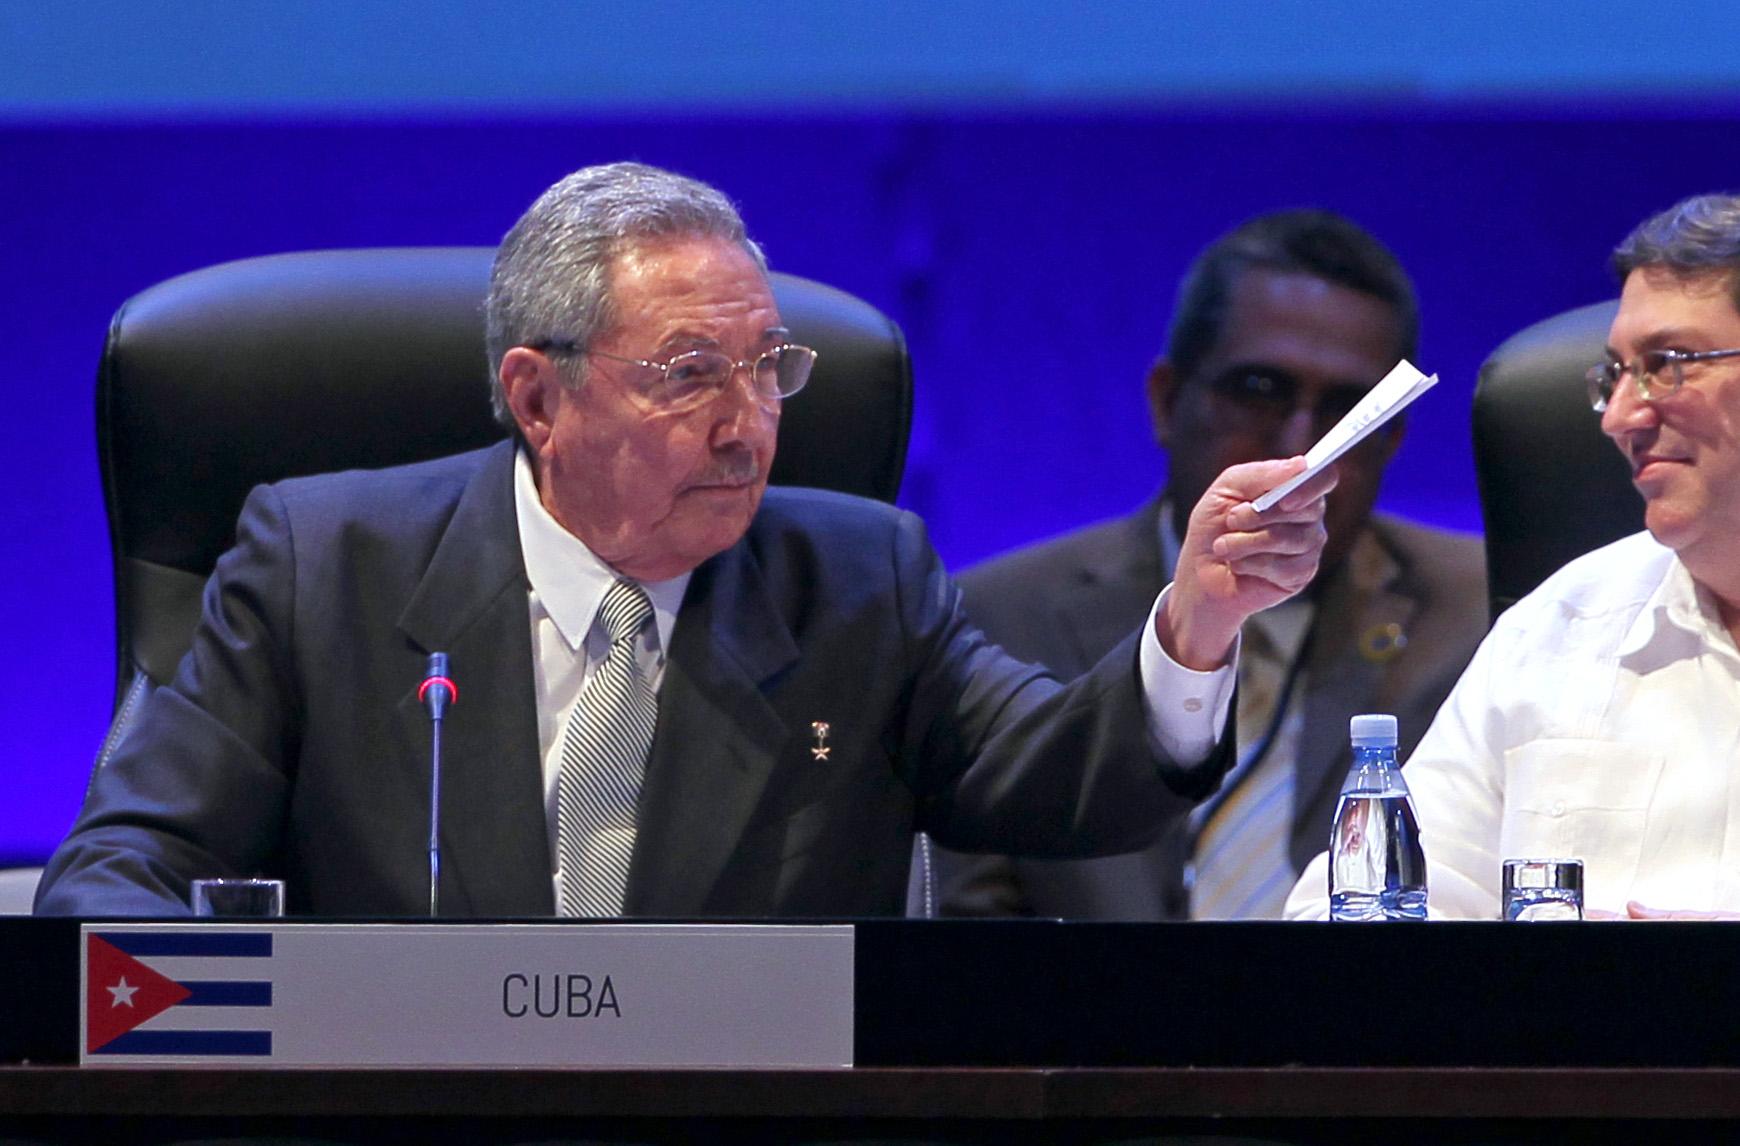 Cuba-at-Summit-US-Seeks-Renewed-Ties-With-Latin-America